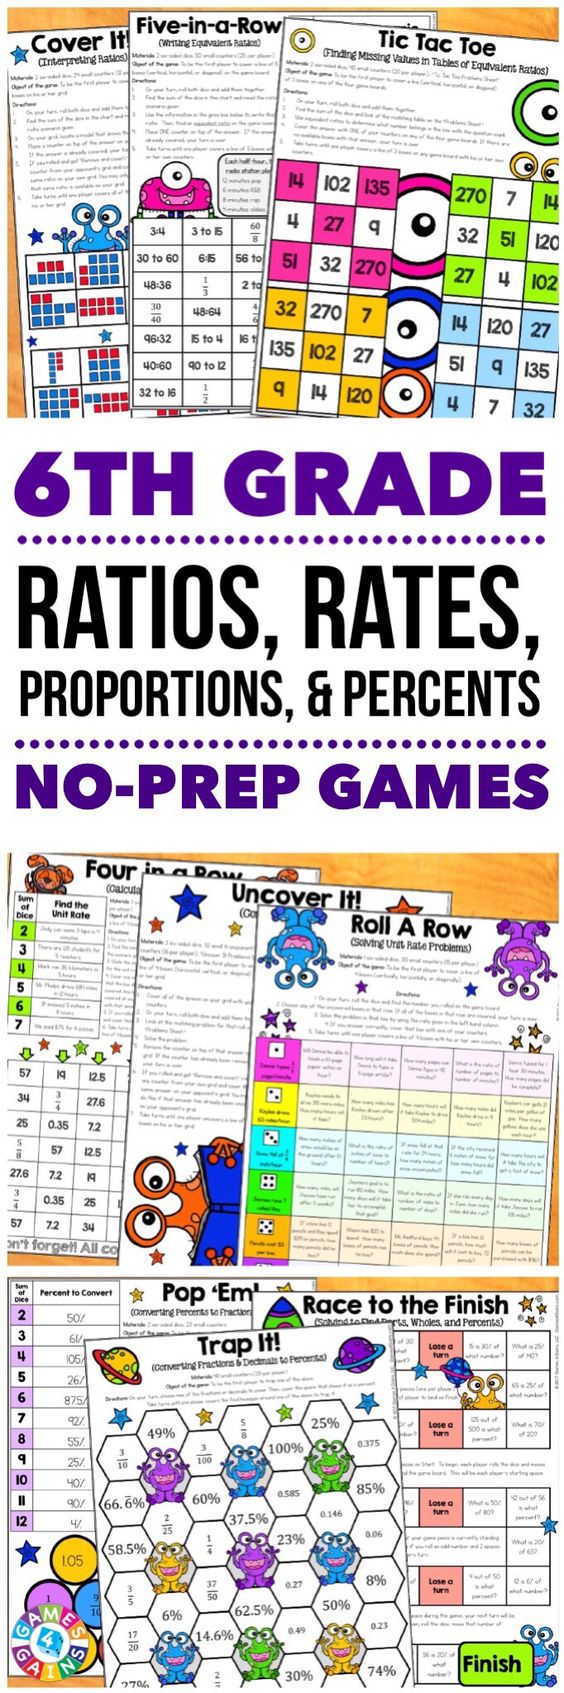 6th Grade Math Games Ratios Proportions Unit Rates 6 Rp 1 6 Rp 2 6 Rp 3 6th Grade Math Games Sixth Grade Math Classroom Math Games